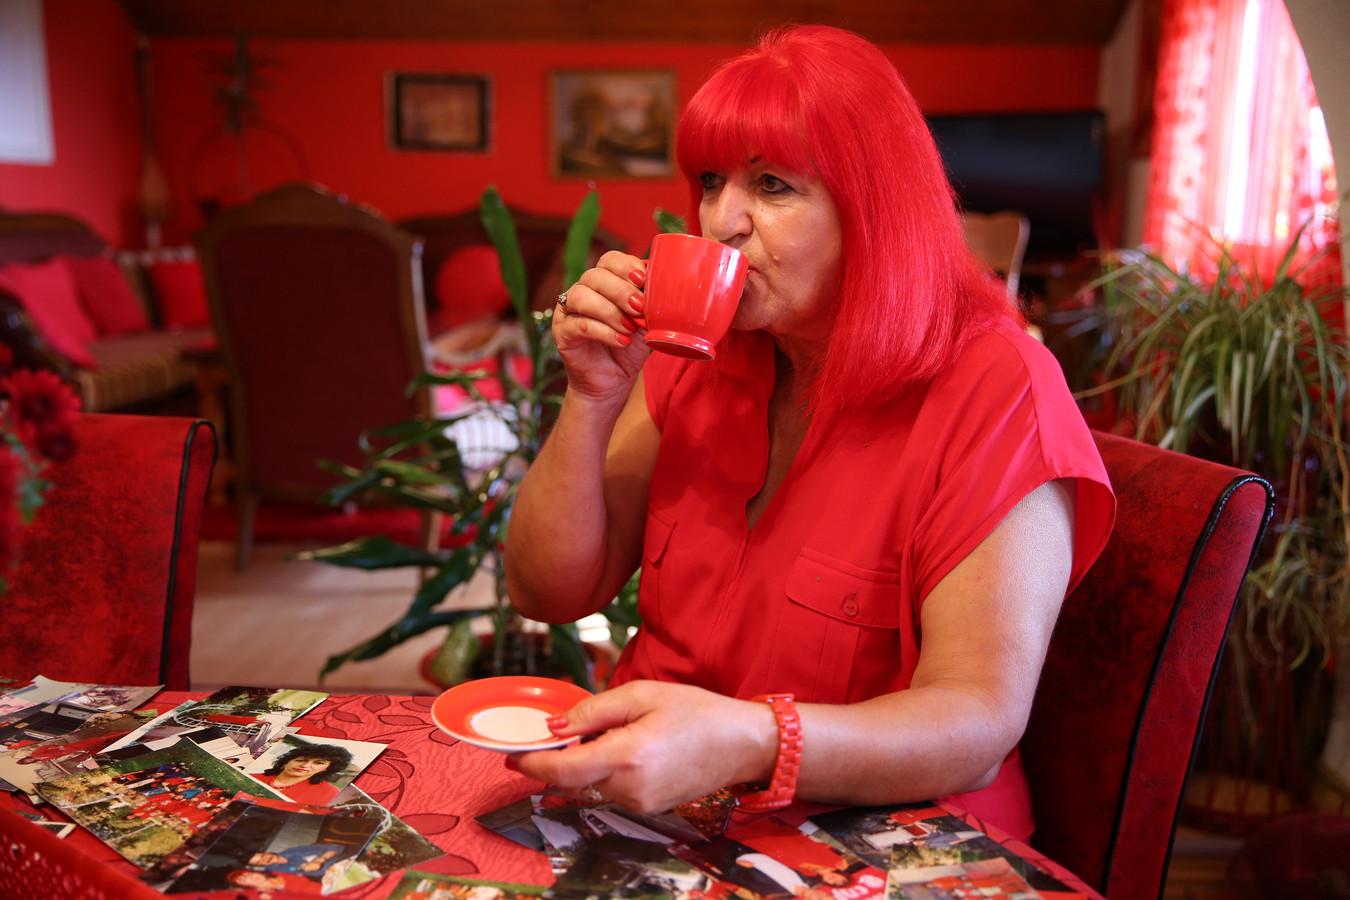 Zorica Rebernik is dol op rood